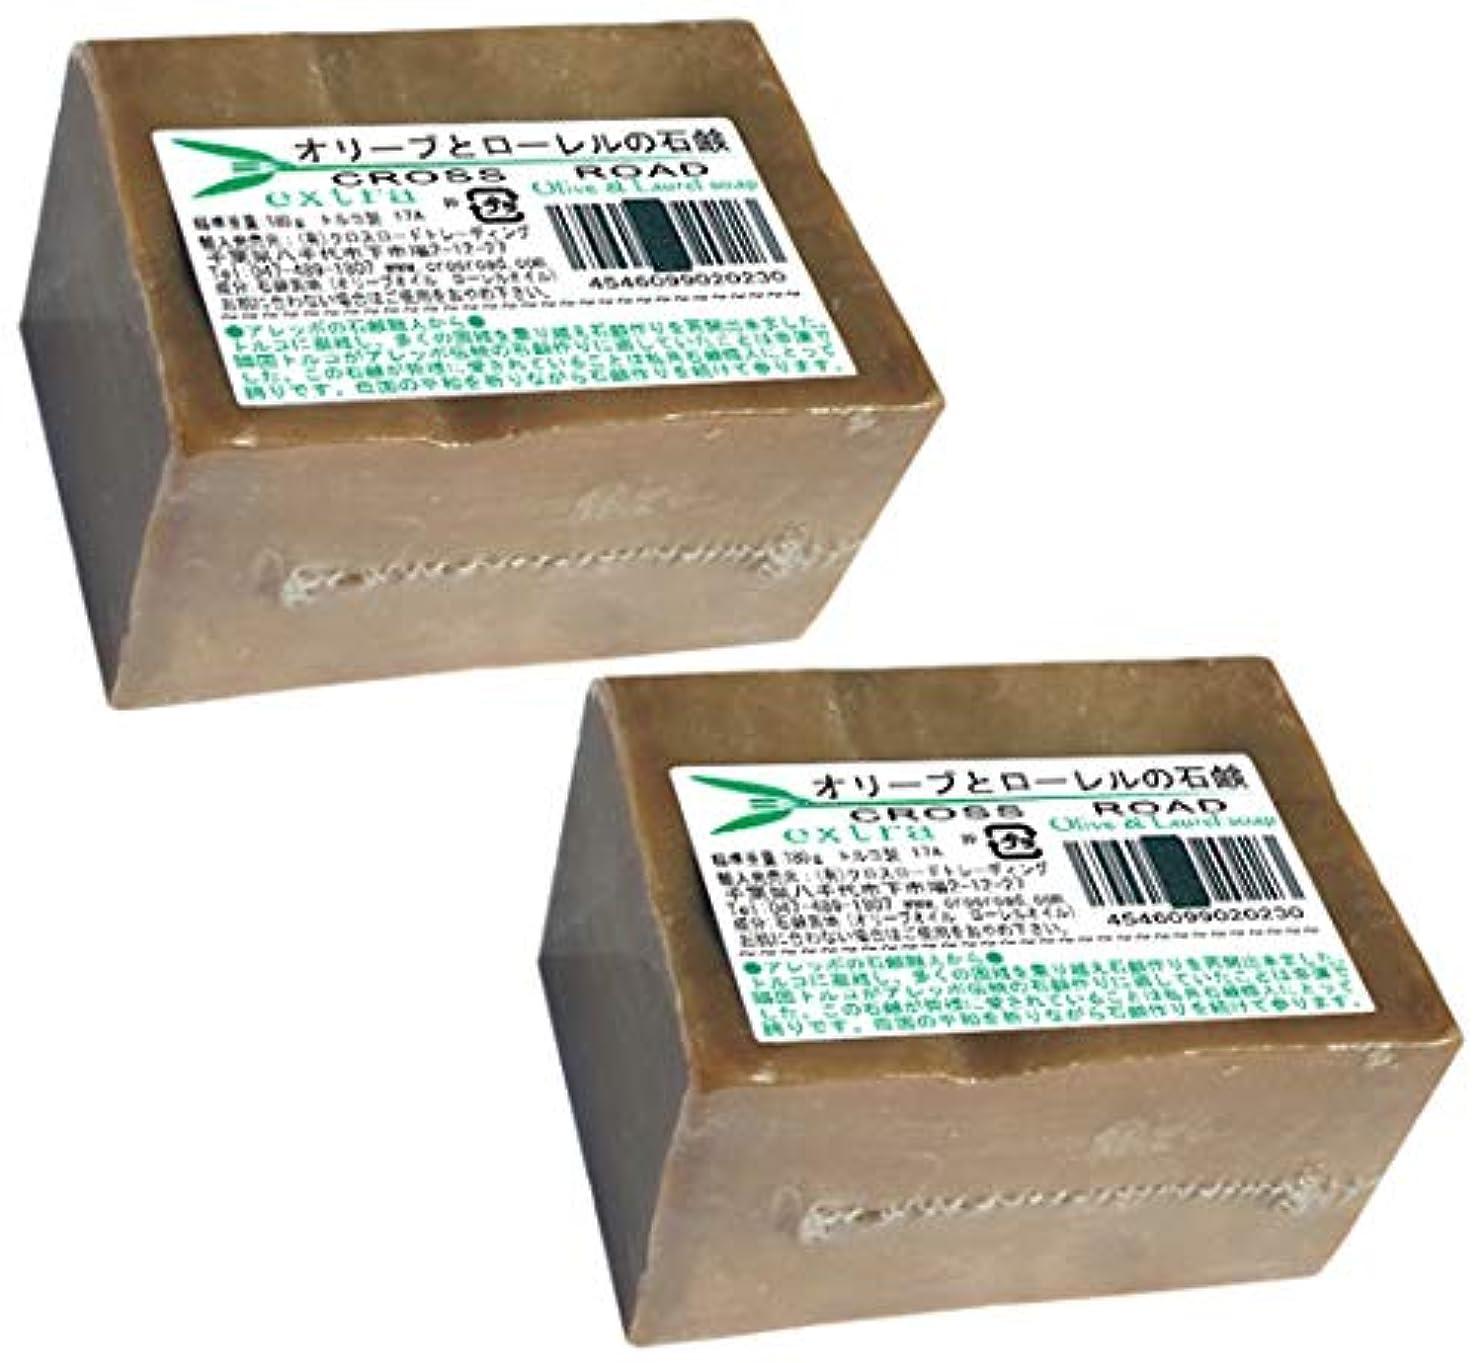 州コンセンサスコレクションオリーブとローレルの石鹸(エキストラ)2個セット[並行輸入品]